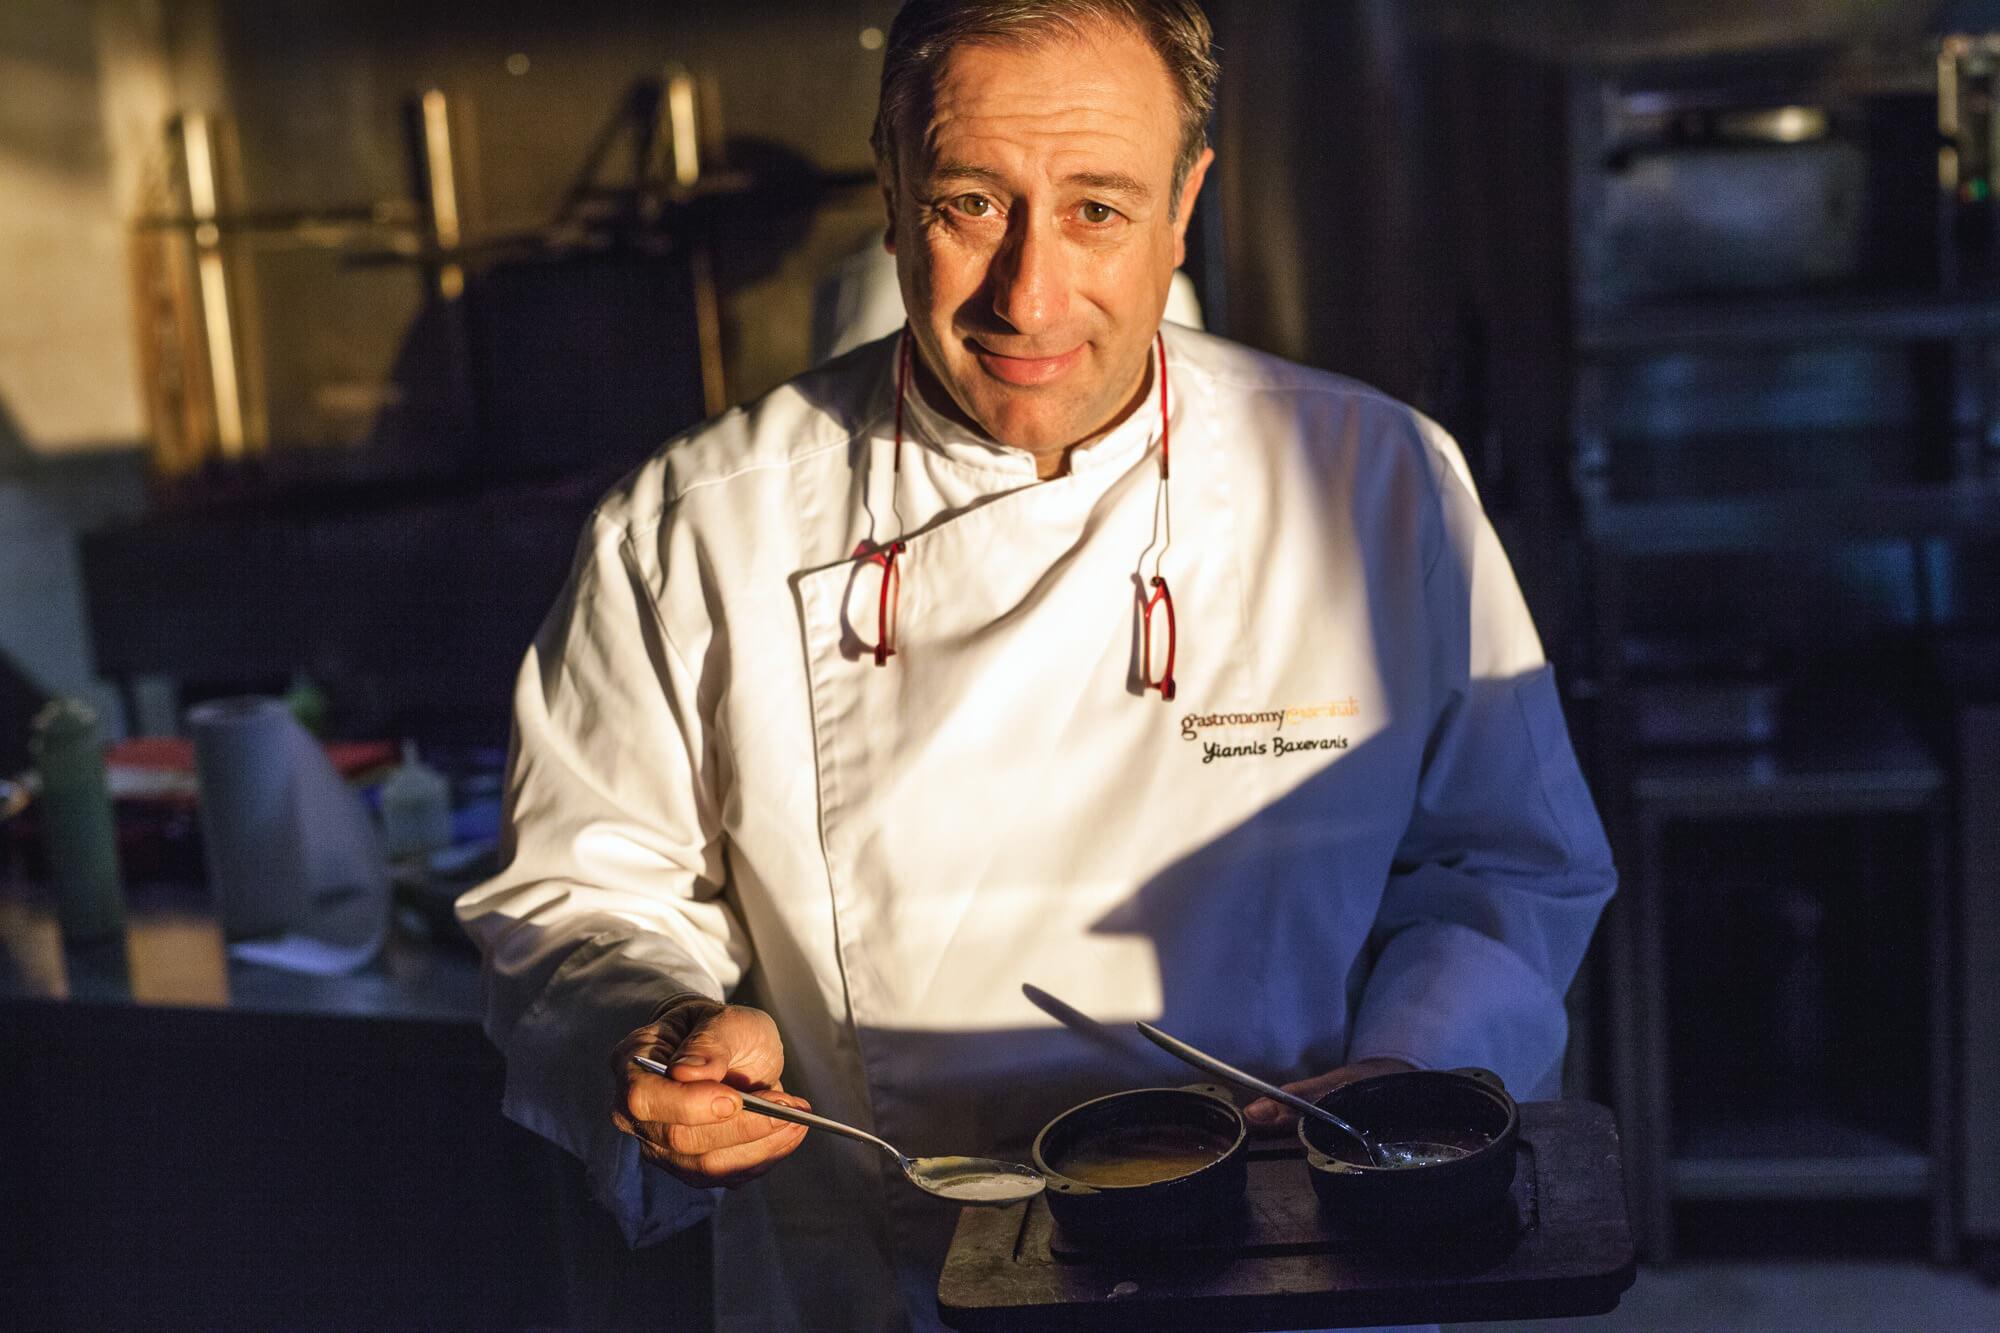 Μπαξεβάνης Γιάννης - Ο chef που έκανε γνωστή την κουζίνα των ... e21ef6c5efb